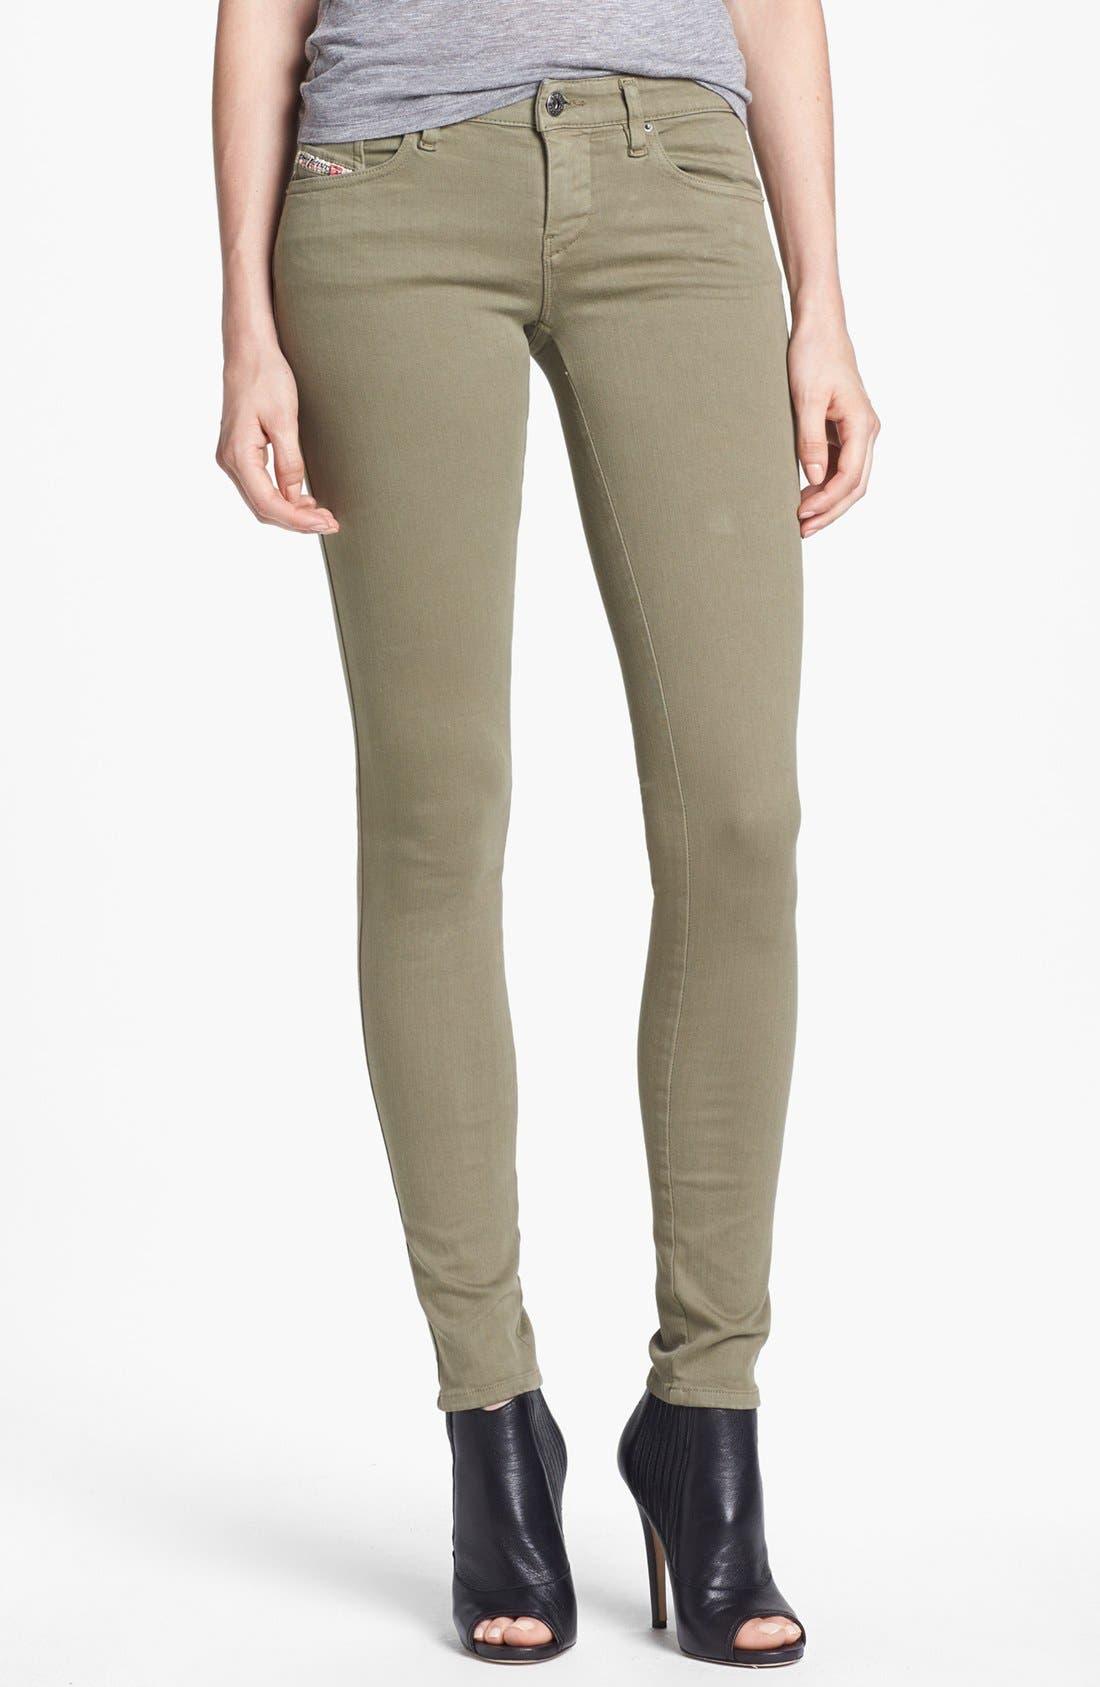 Alternate Image 1 Selected - DIESEL® 'Skinzee' Low Rise Skinny Jeans